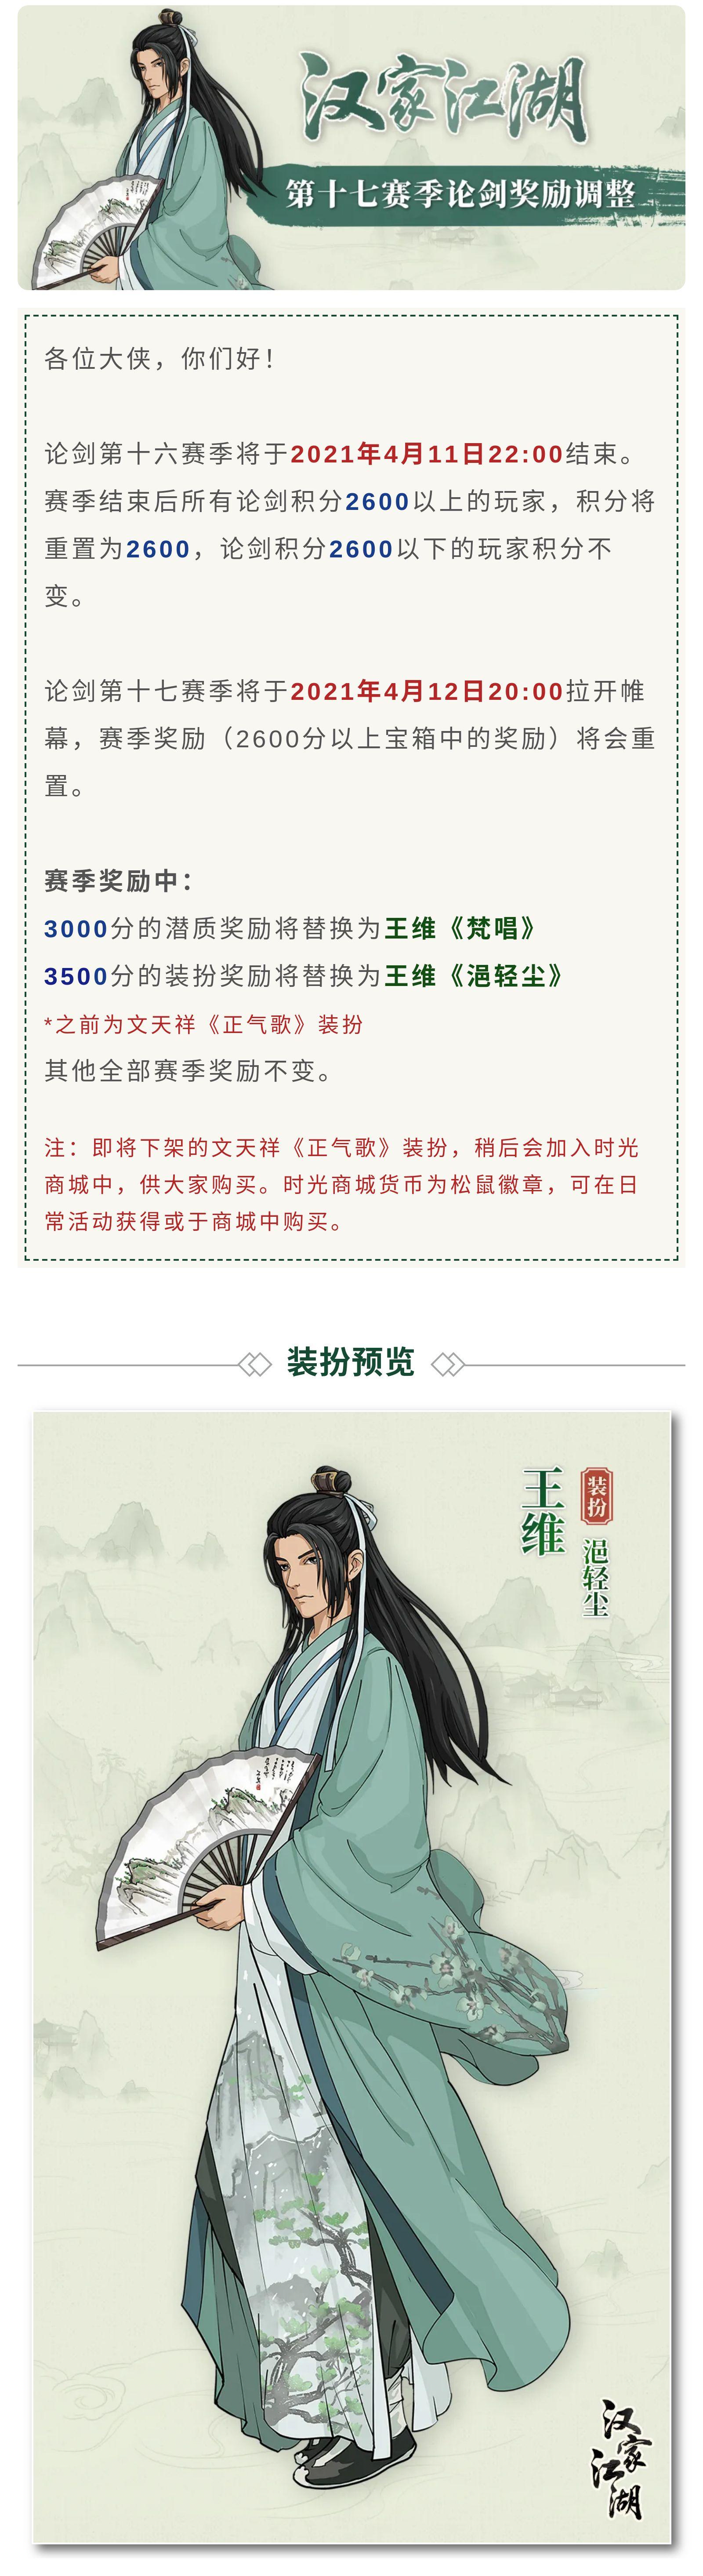 【汉家江湖】第十七赛季论剑奖励调整